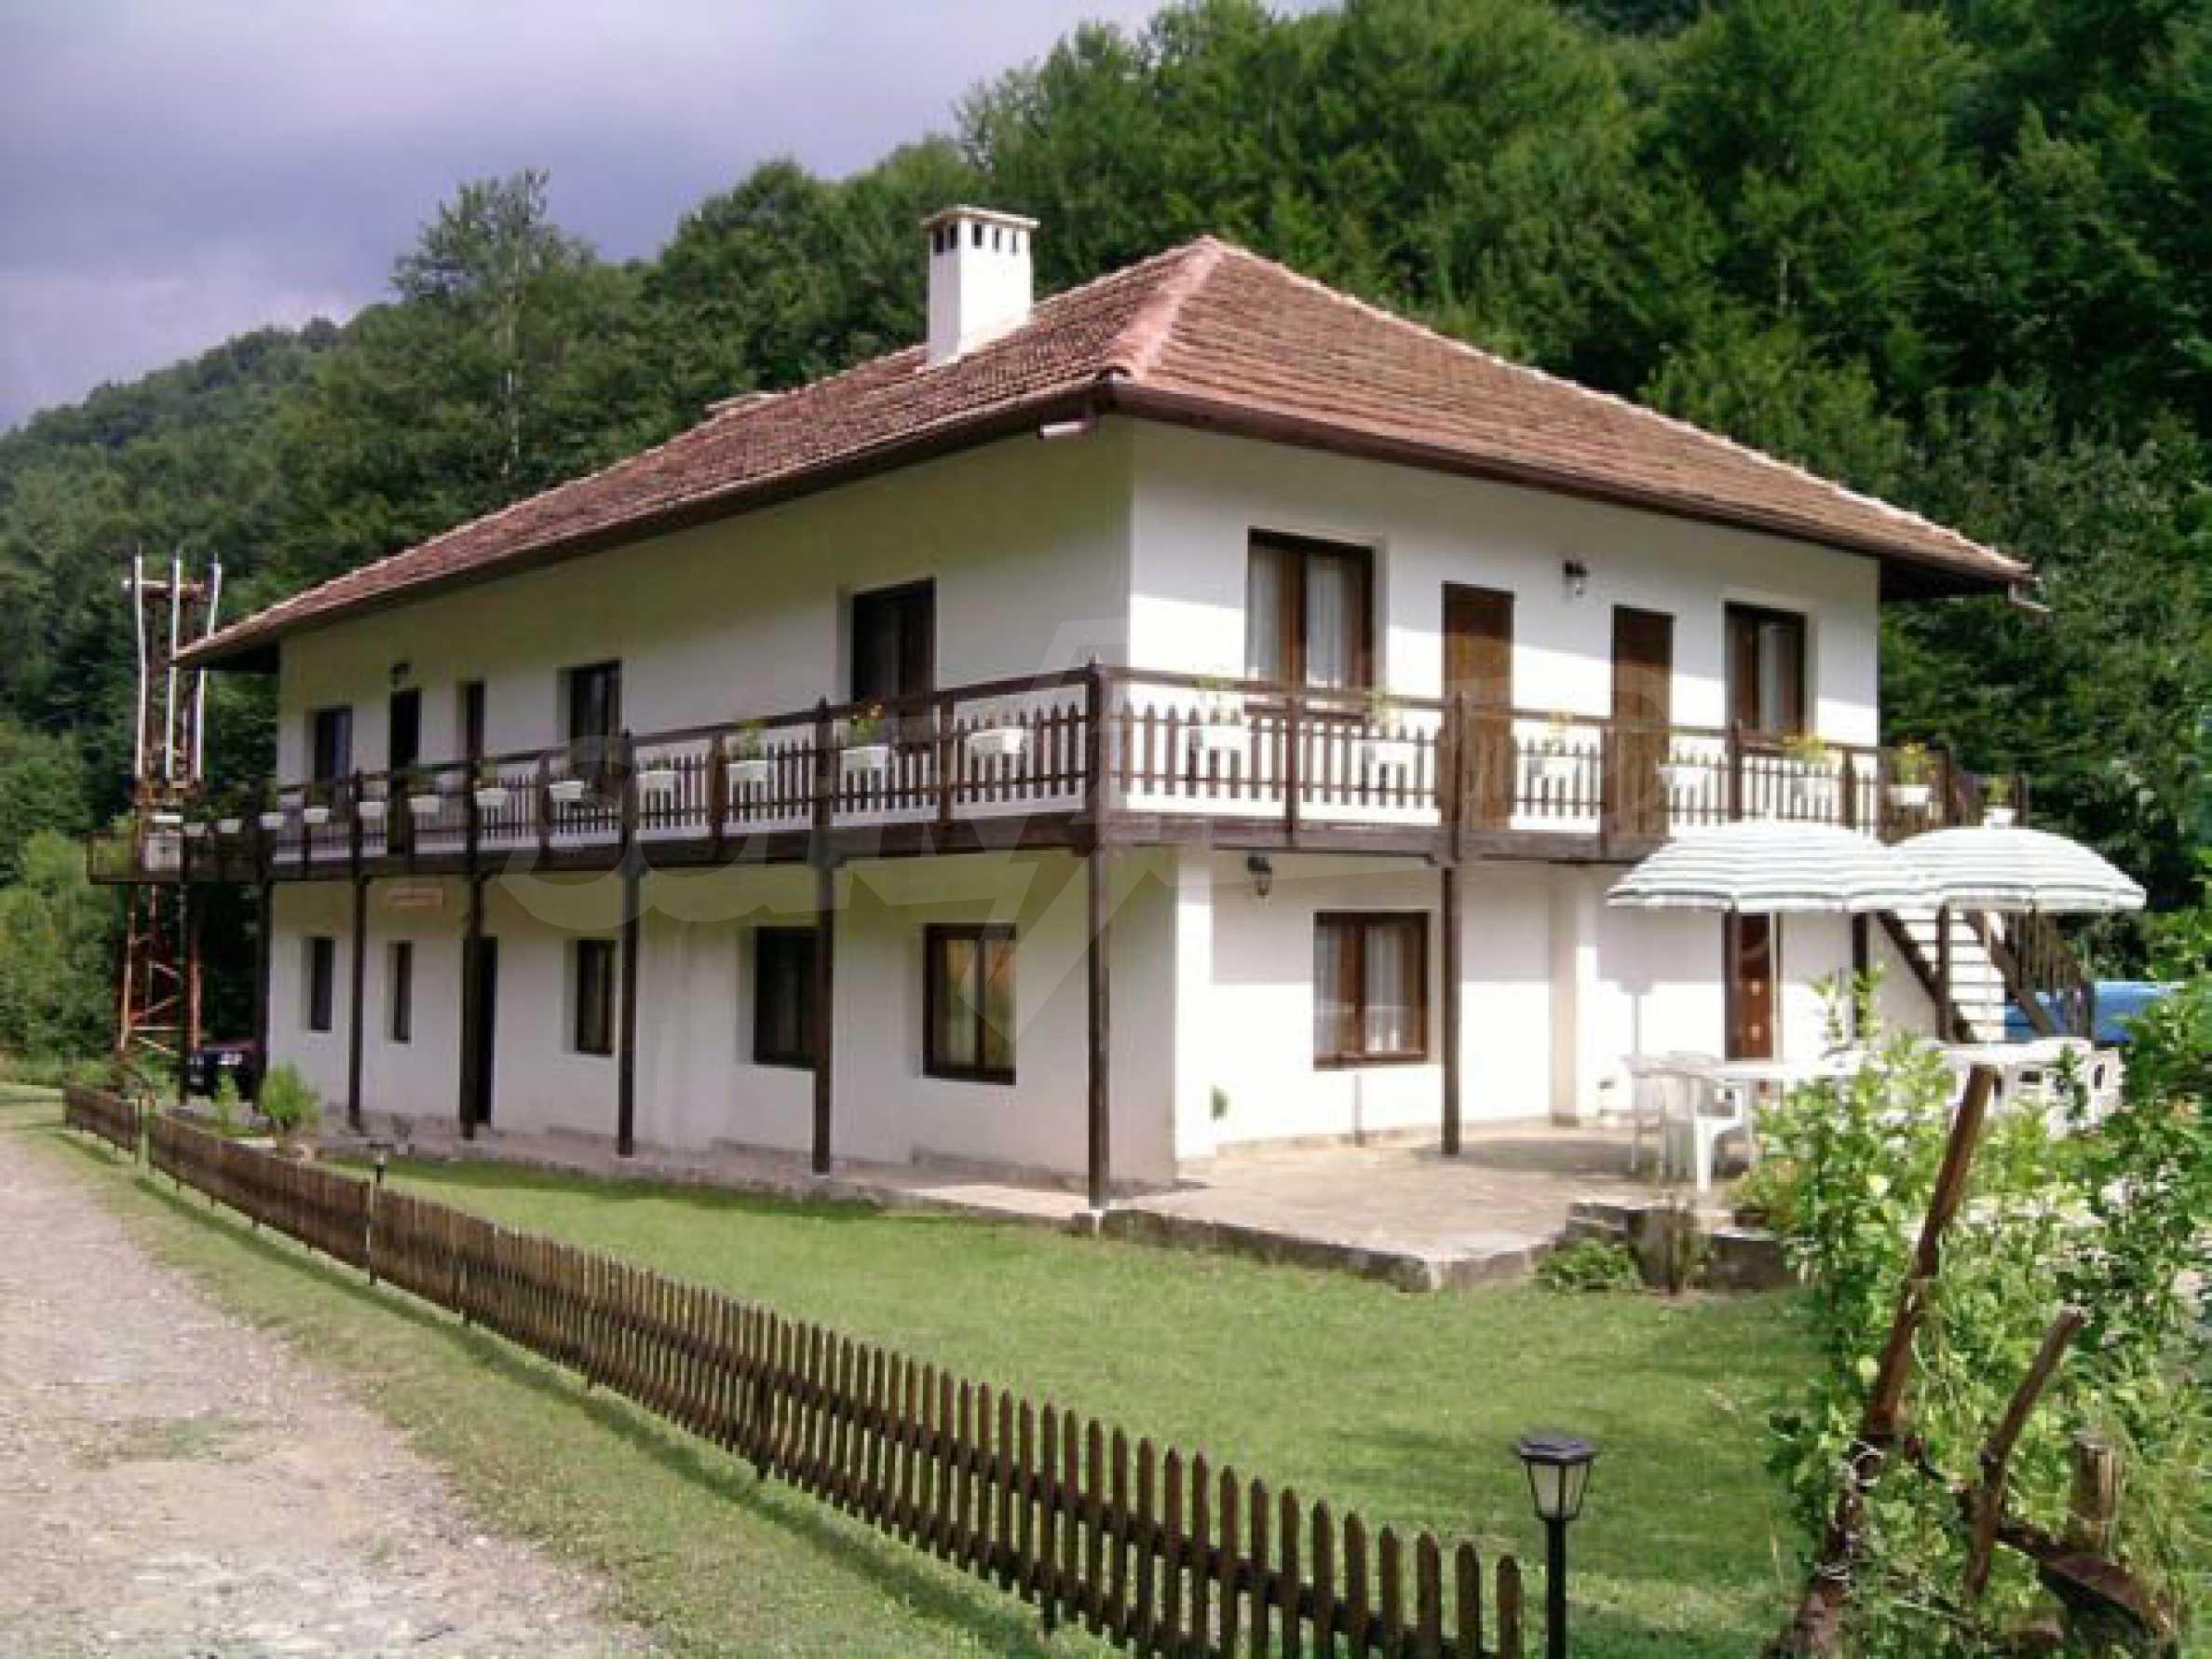 Geräumiges, voll möbliertes und ausgestattetes zweistöckiges Haus in Ribaritsa